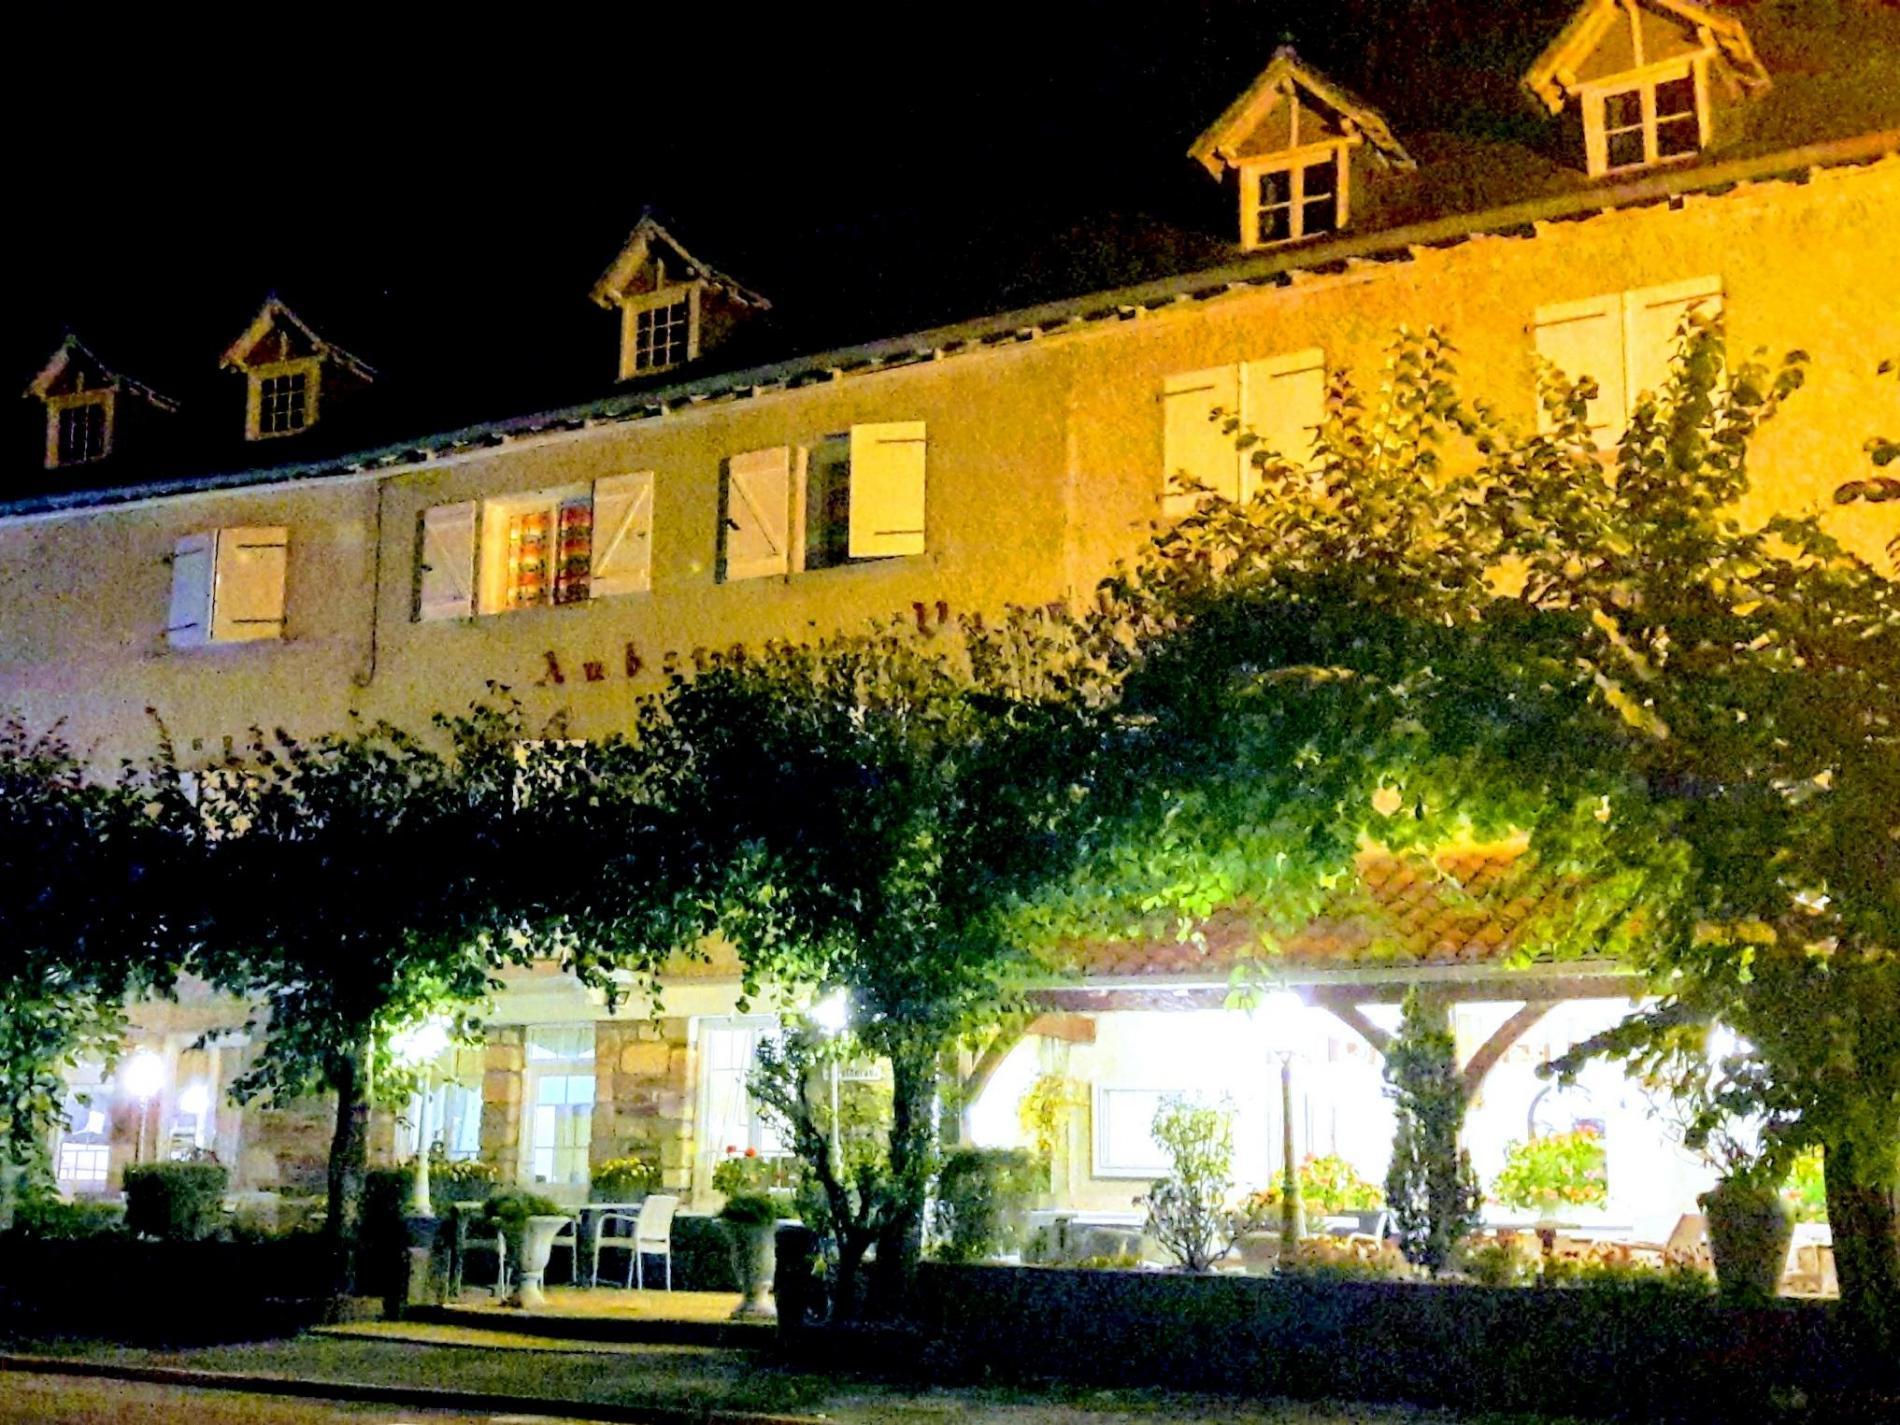 Logis Hotel sur les berges de la Cère